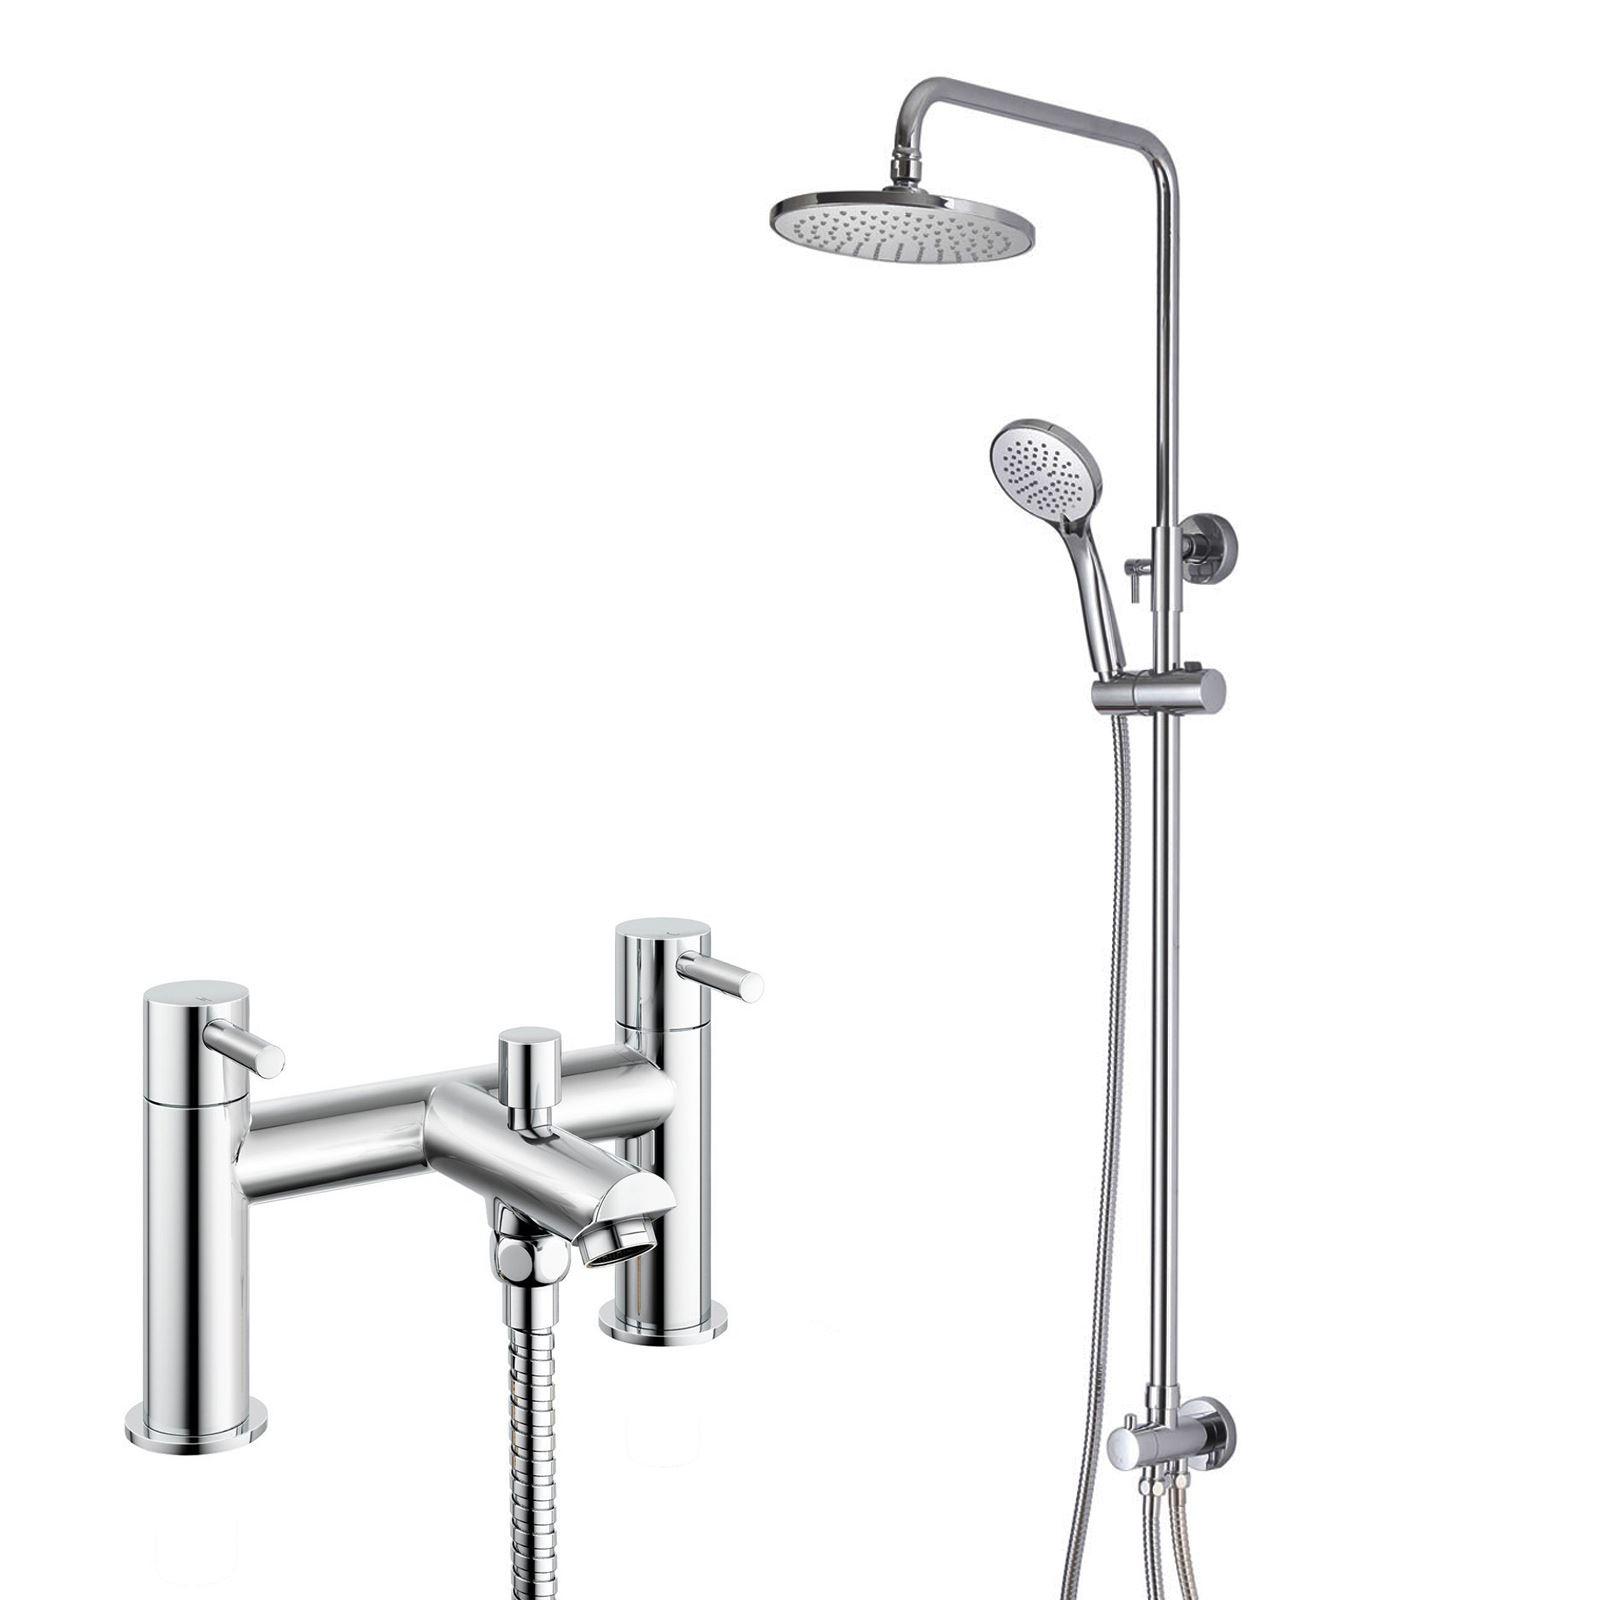 Details About Henley Rainfall Overhead Slider Rail Shower Kit Deck Mounted Bath Shower Mixer